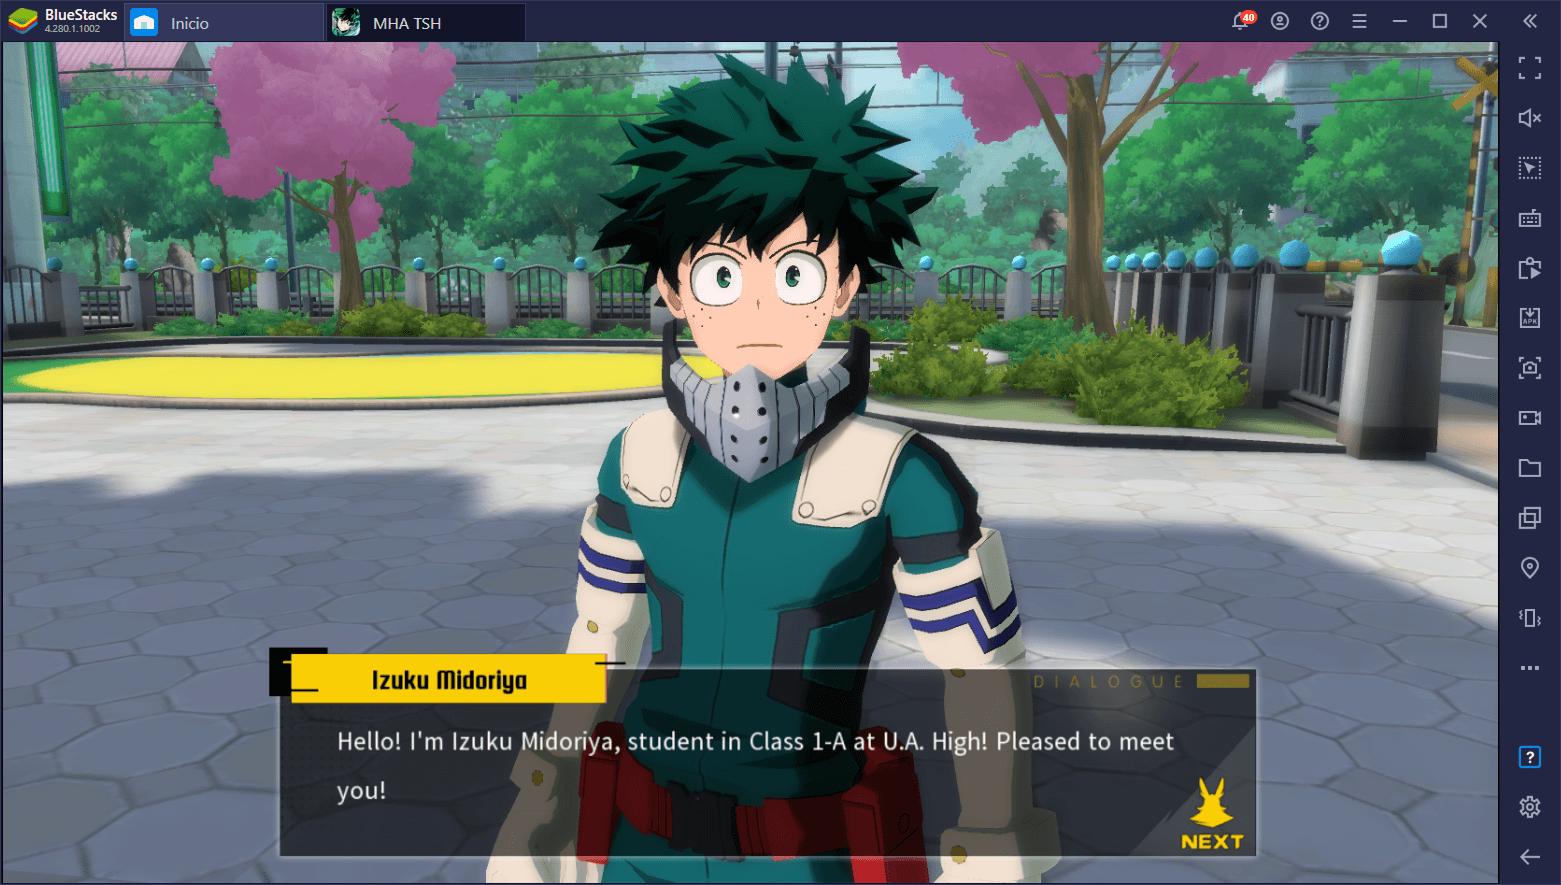 Cómo Instalar My Hero Academia: The Strongest Hero en PC con BlueStacks